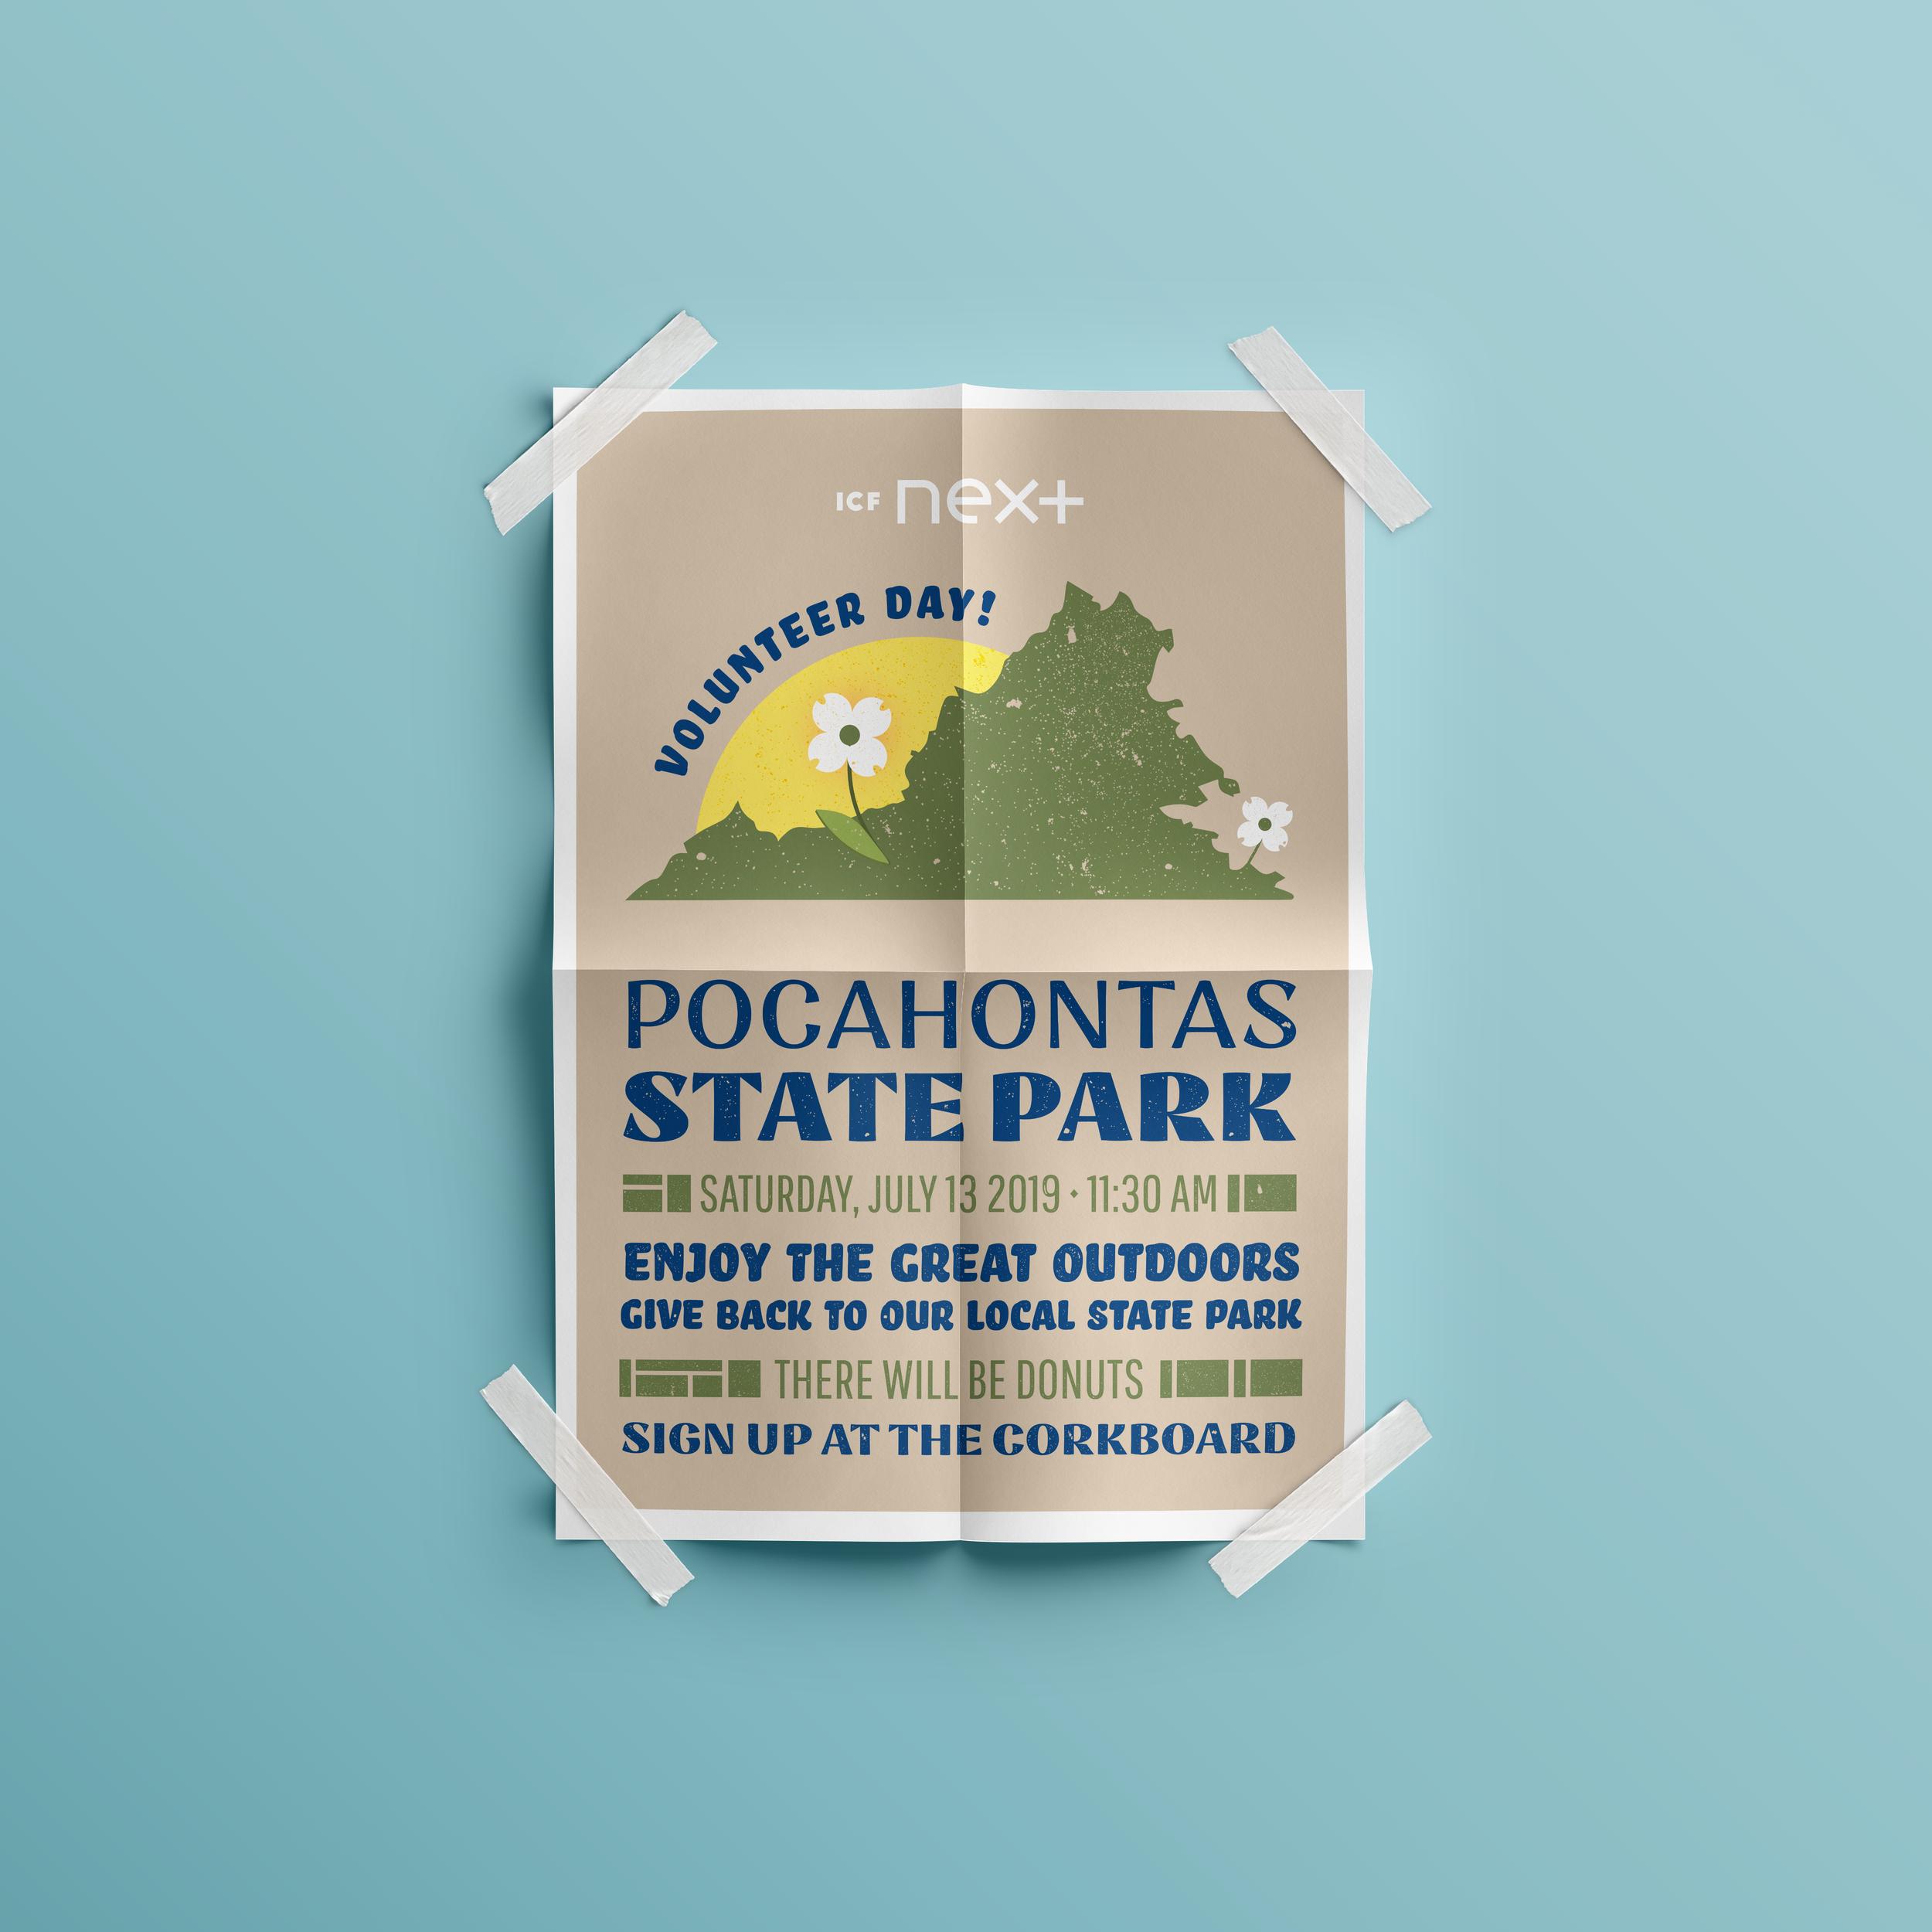 Pocahontas_Poster.png